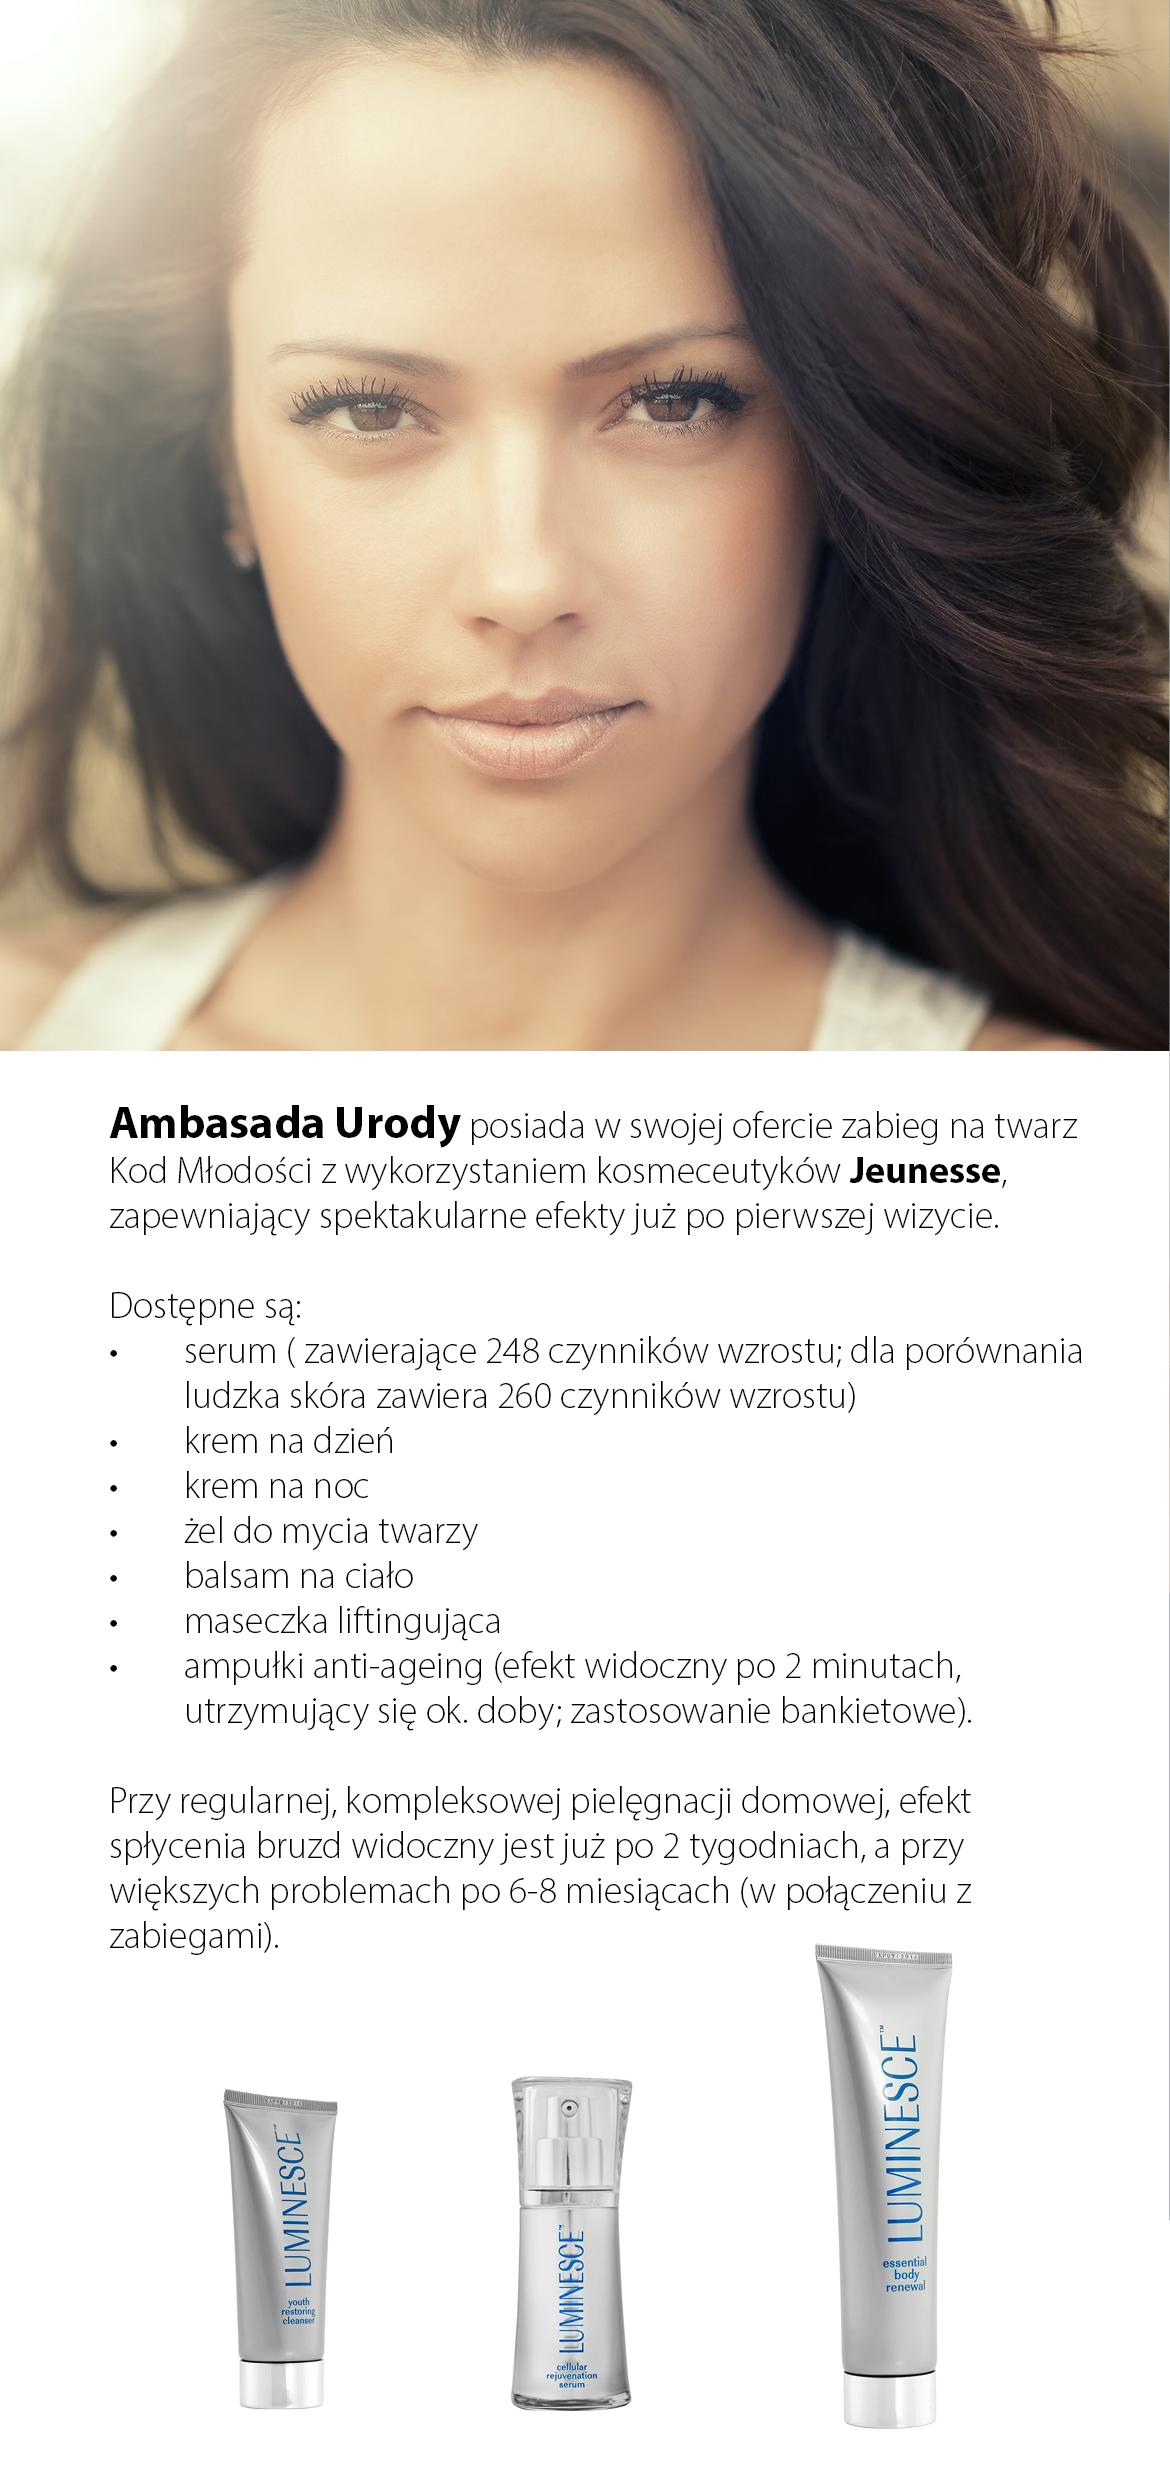 Jeunesse-Opole-Ambasada-Urody4